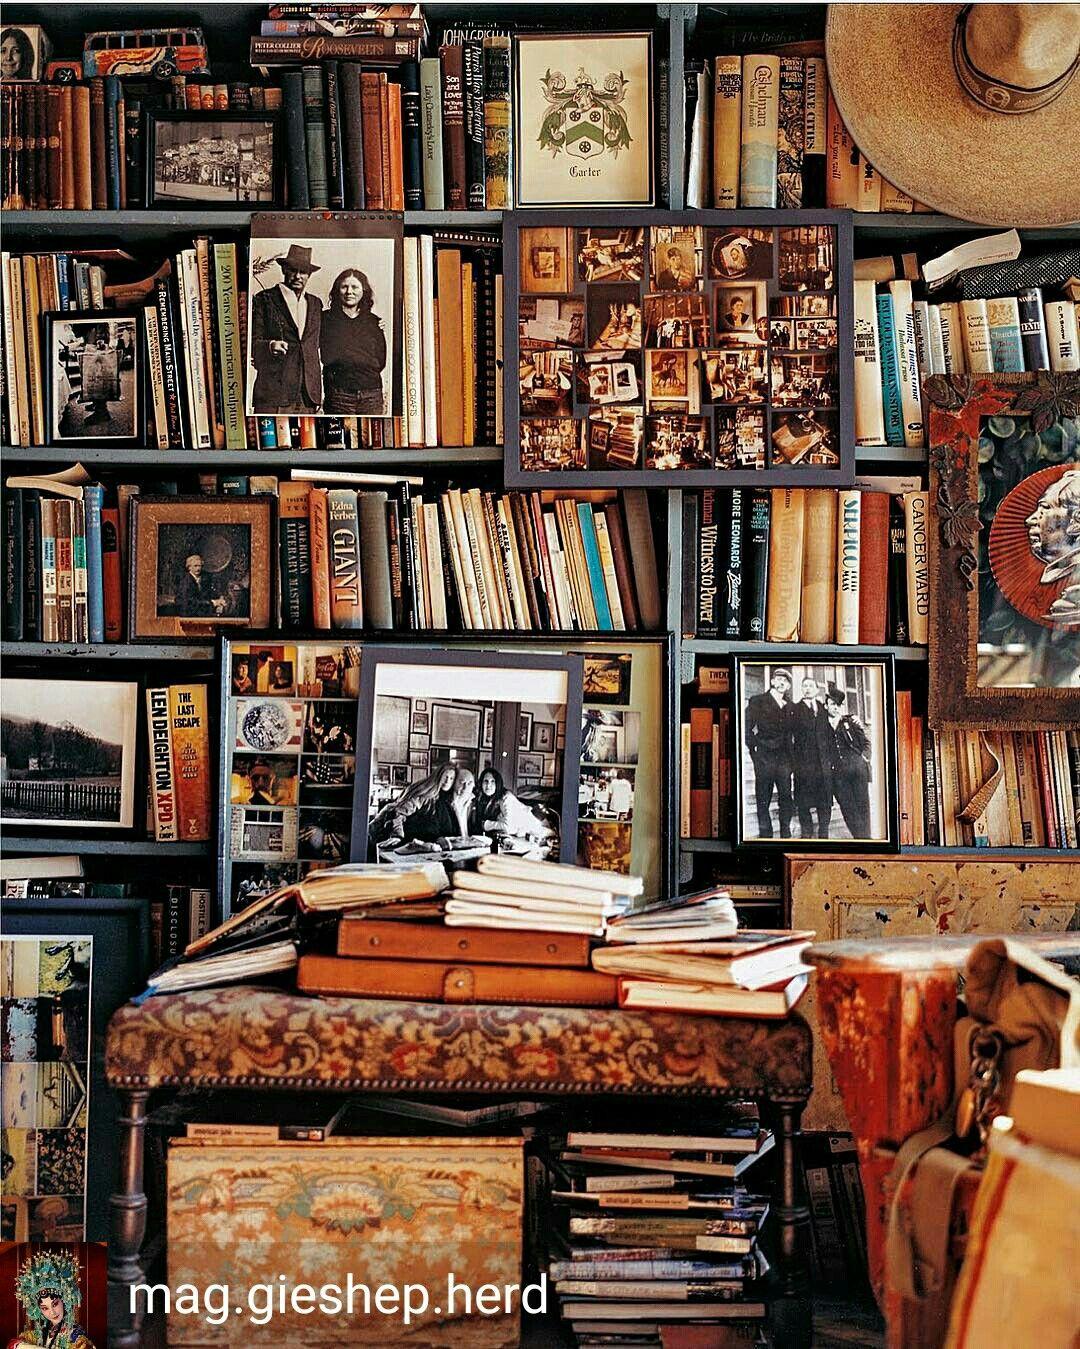 Pin de carmen en bookshelves reading places pinterest libreros bibliotecas y libros - Libreria carmen ...